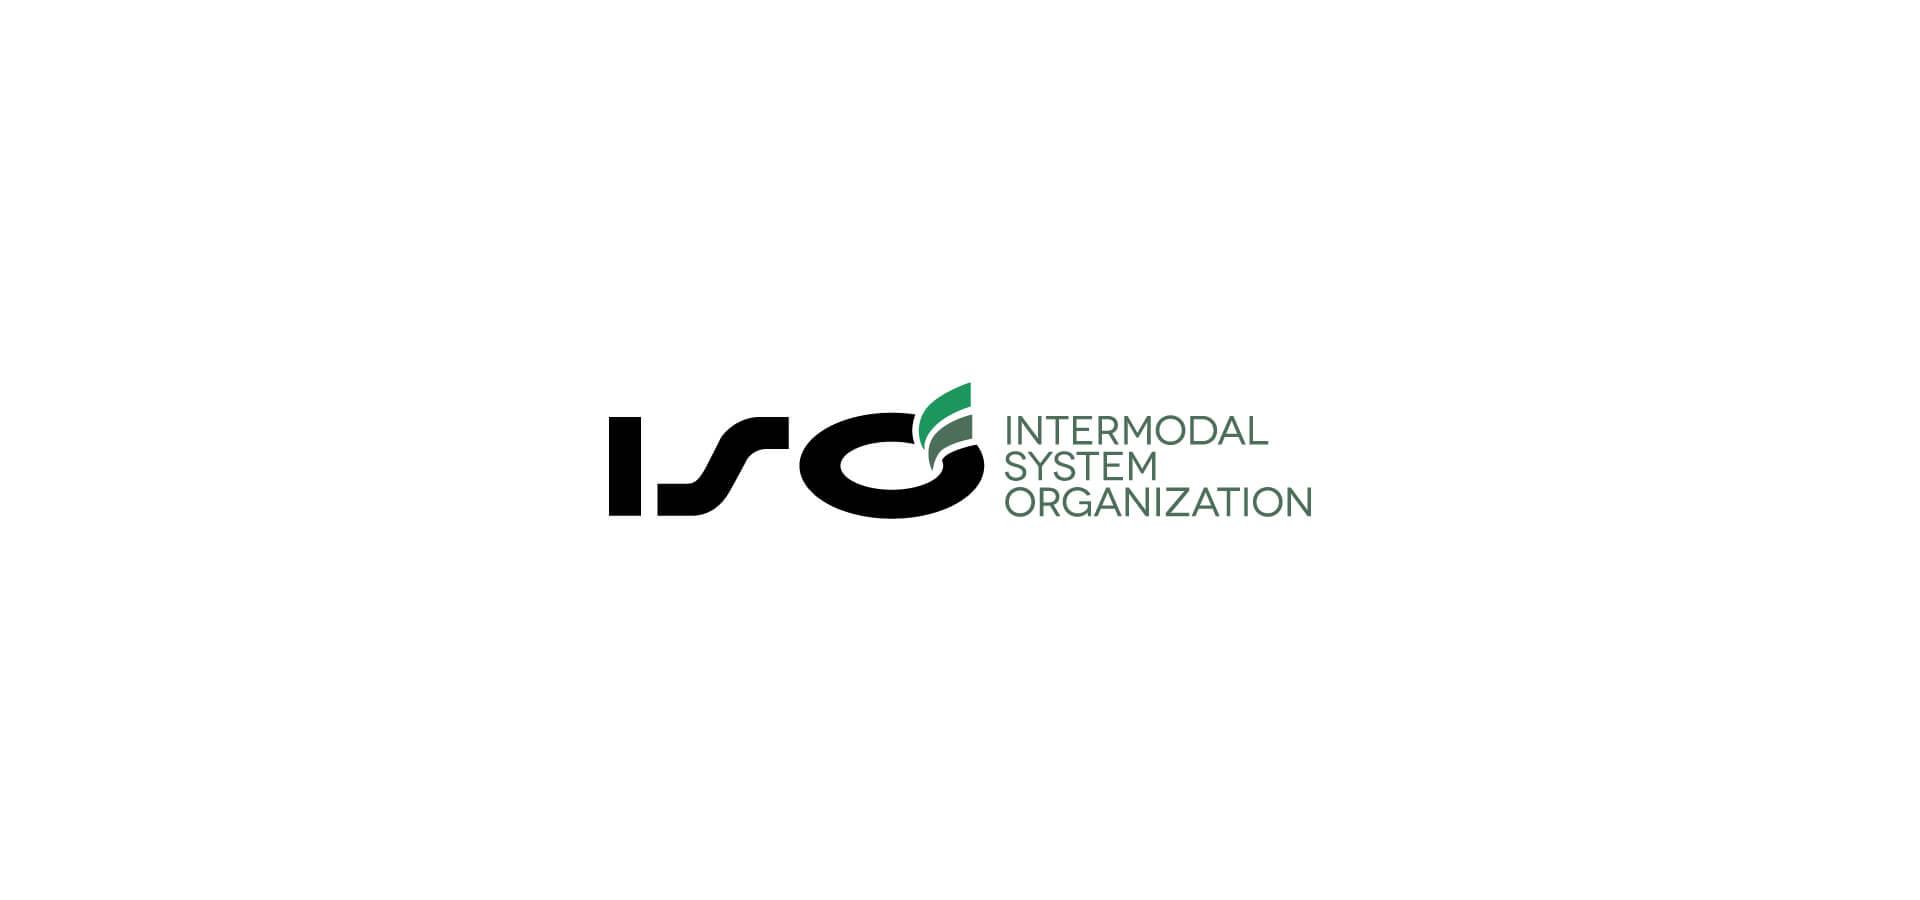 iso-brand-identity-logo